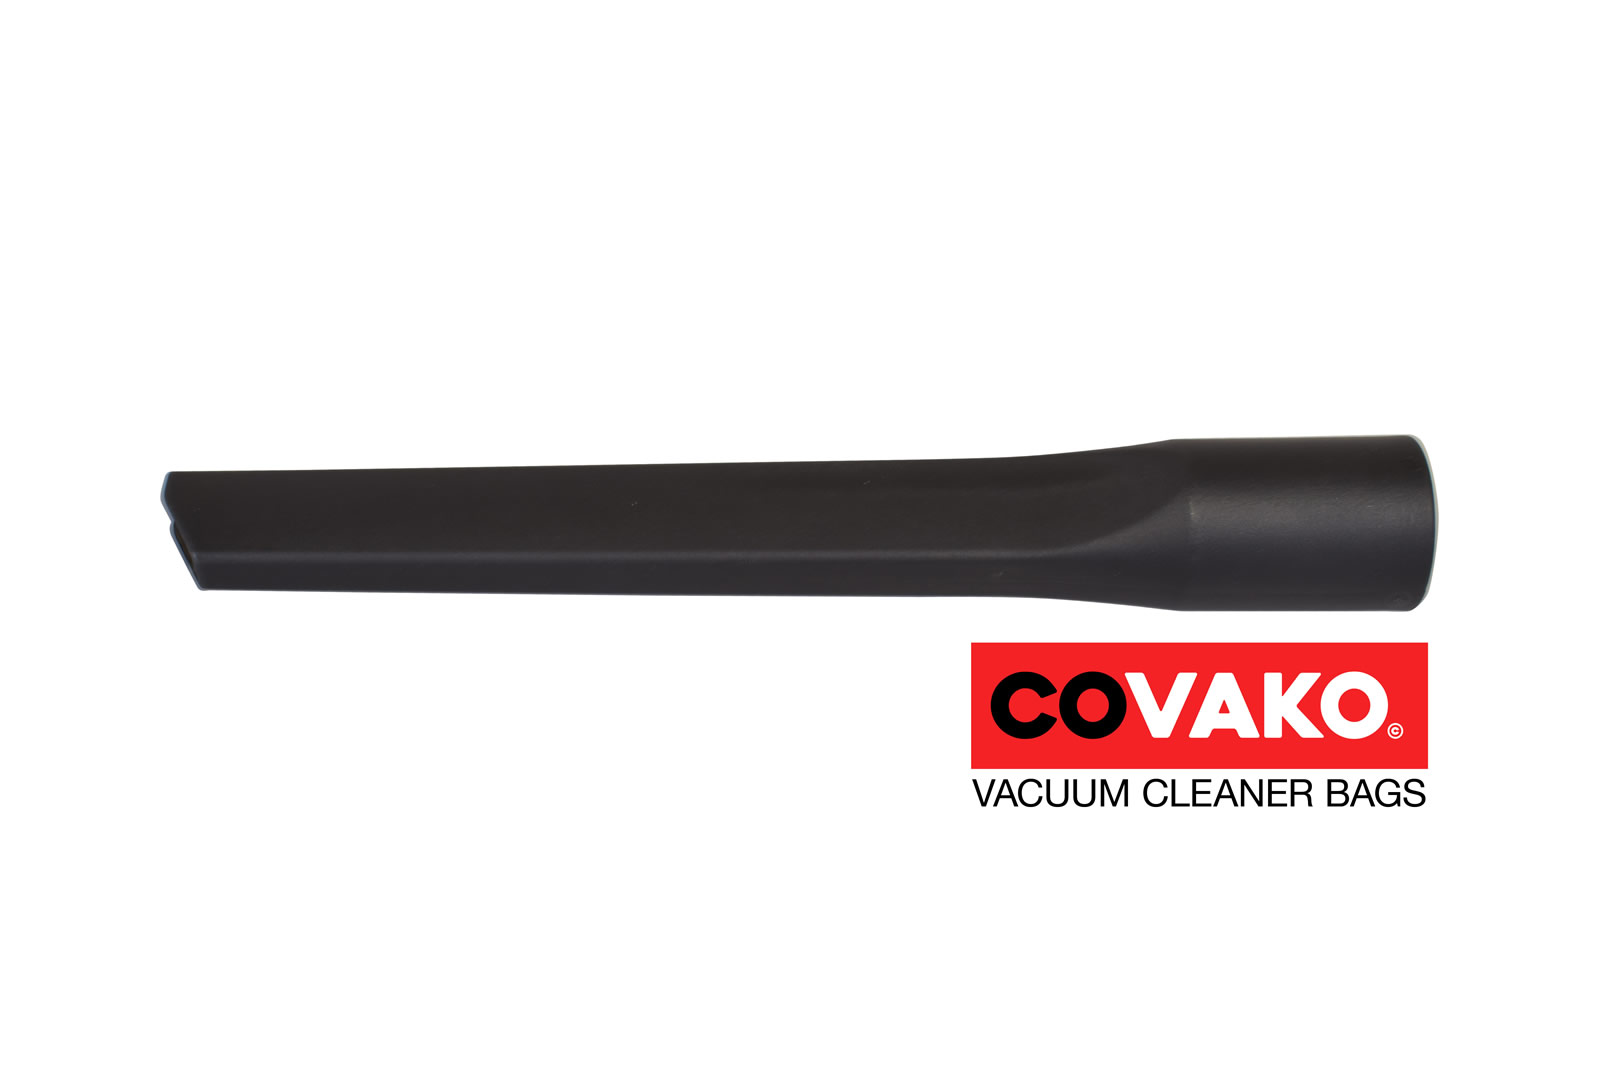 Crevice tool / Part Item - Fugendüsevacuum cleaner bags